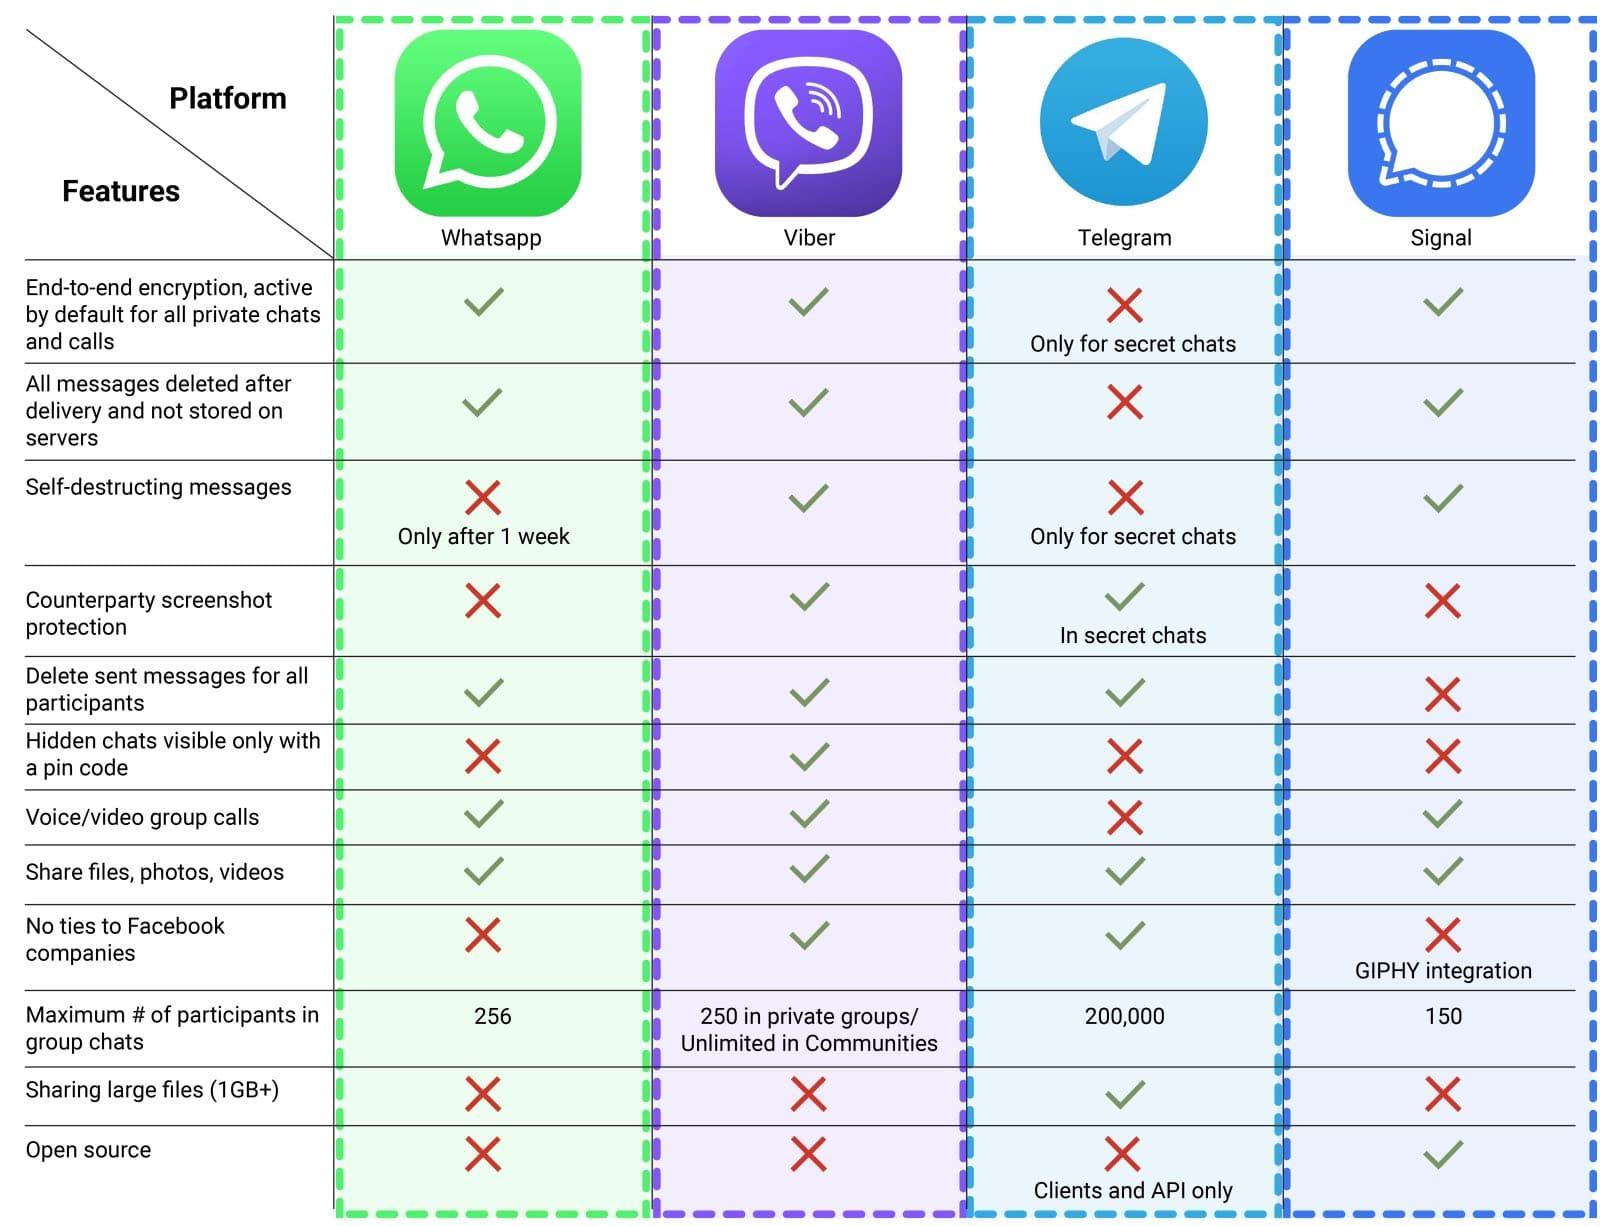 Whatsapp vs Viber vs Telegram vs Signal